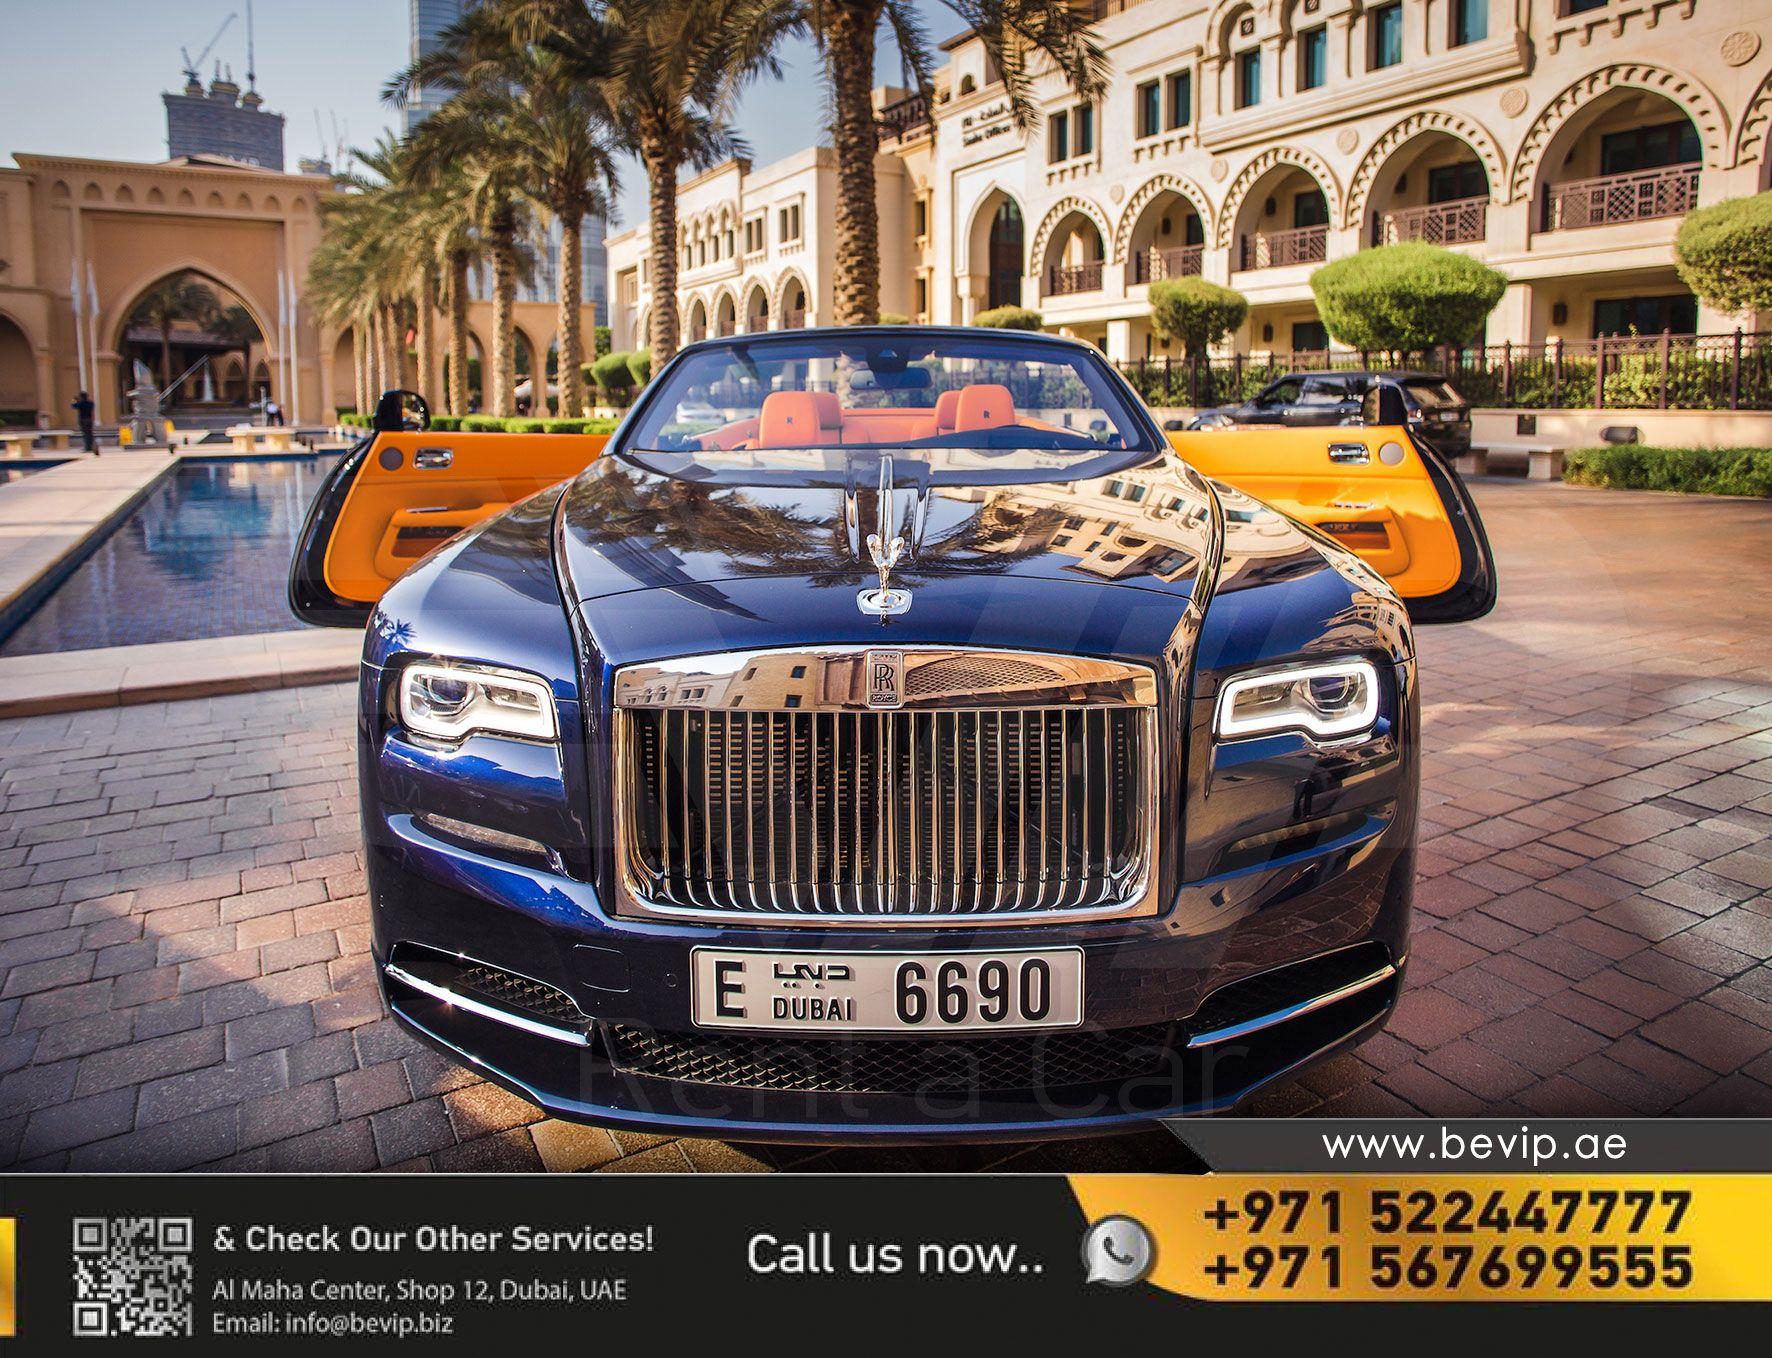 Rolls Royce Dawn For Rent In Dubai Rolls Royce Rolls Royce Dawn Sports Car Rental